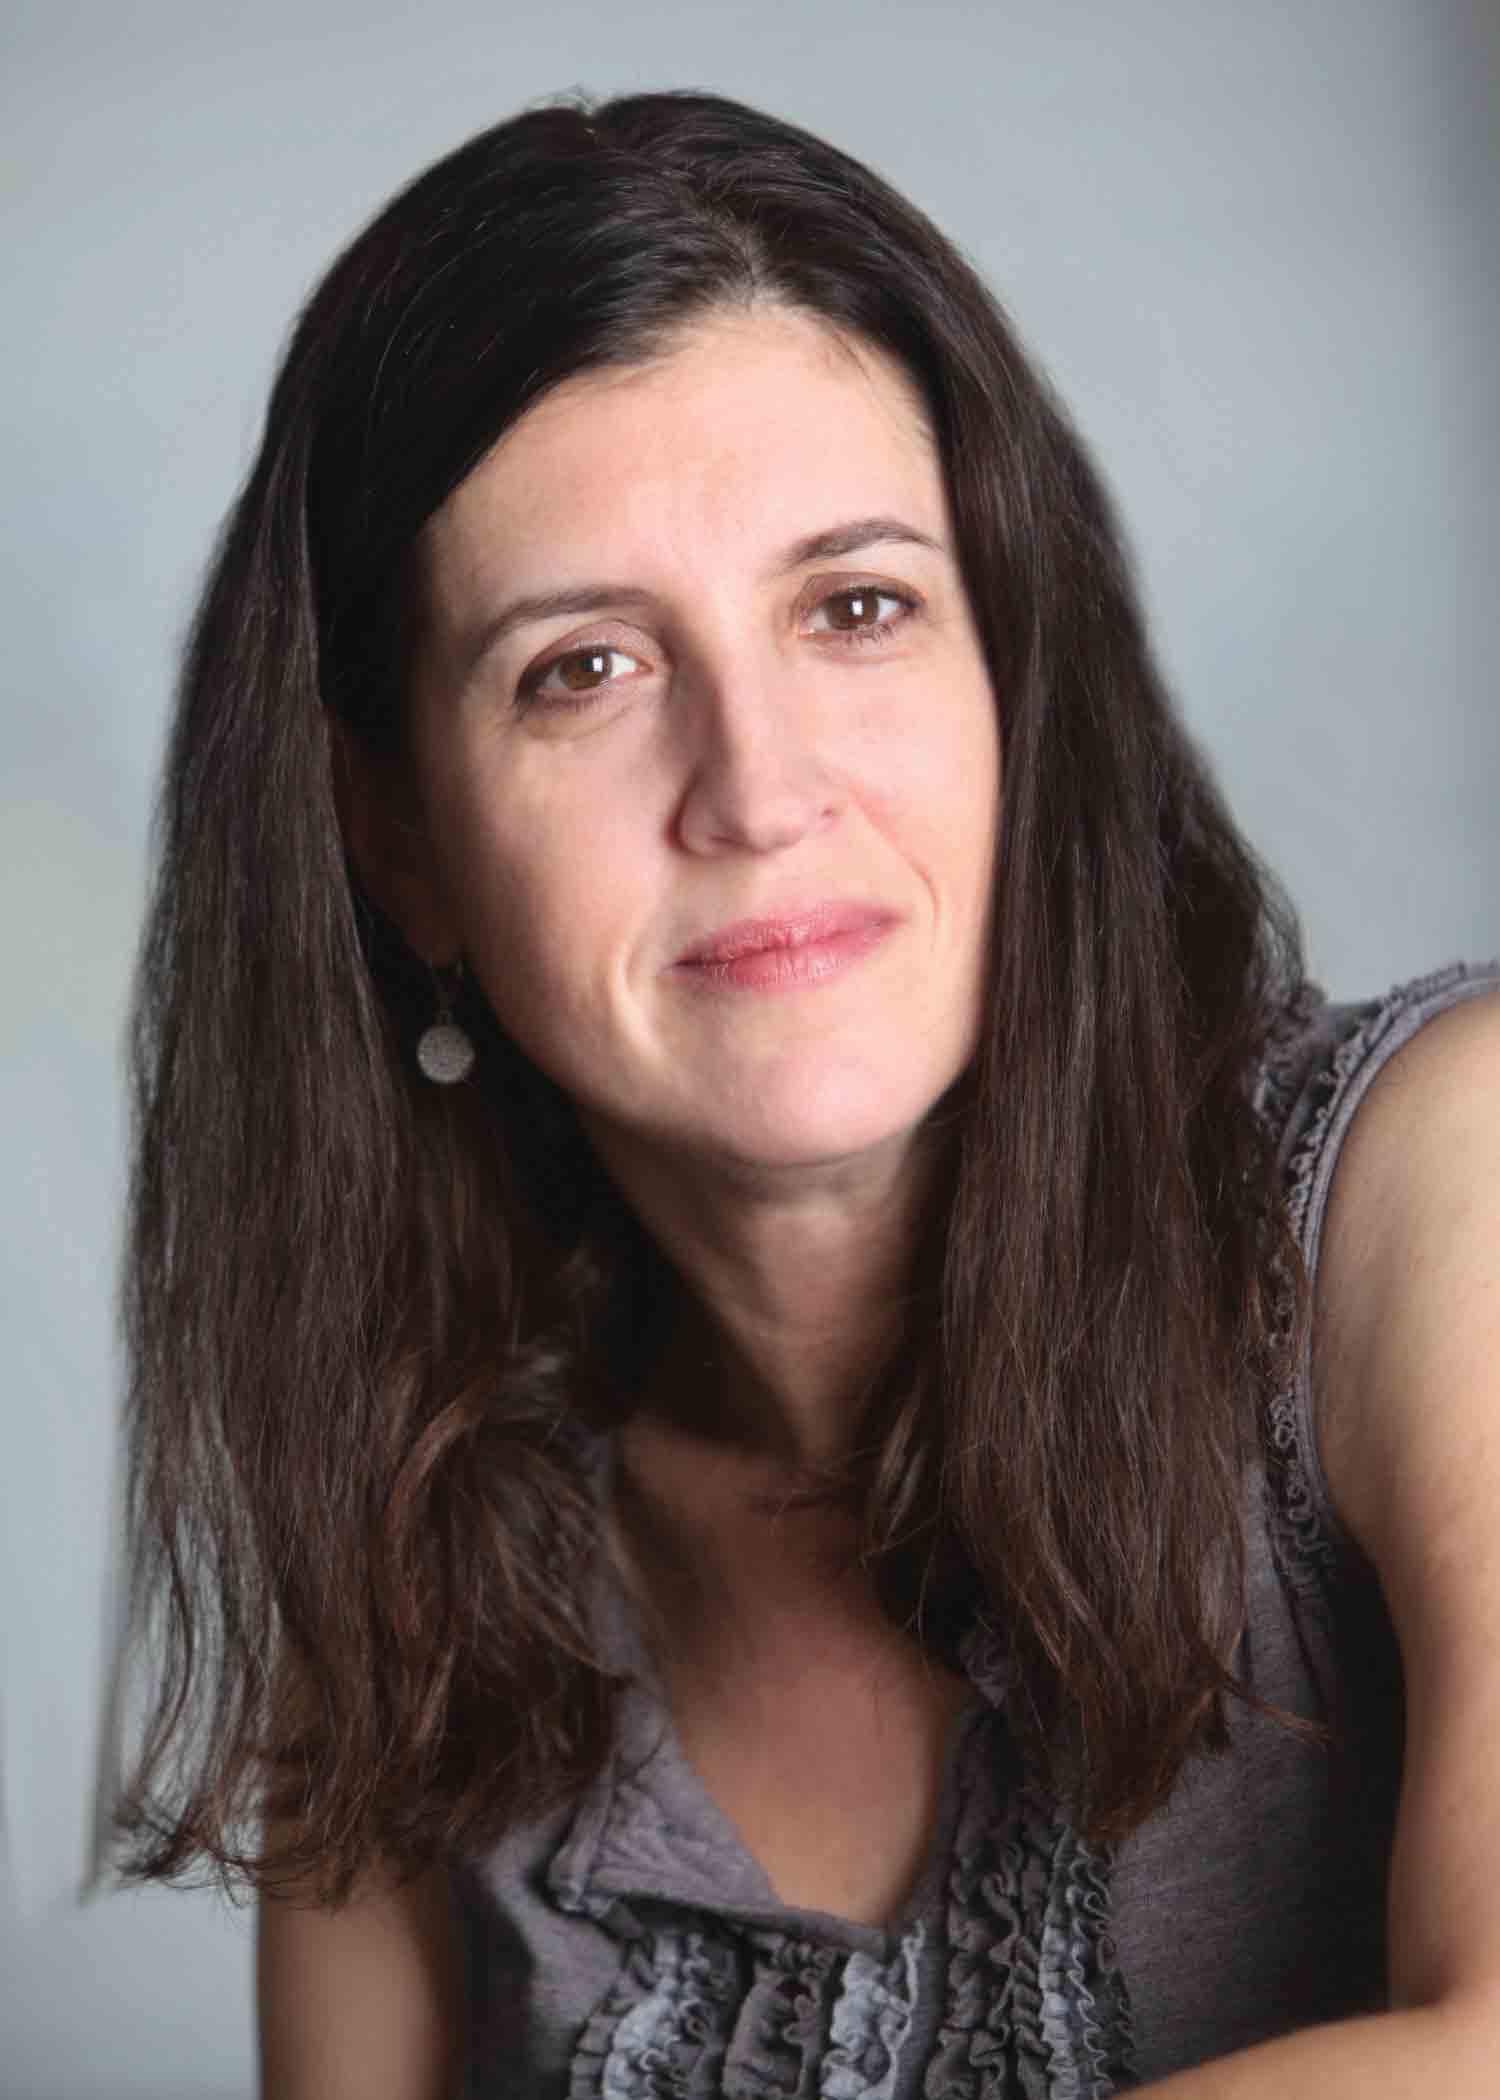 Heidi Pitlor: Page turner